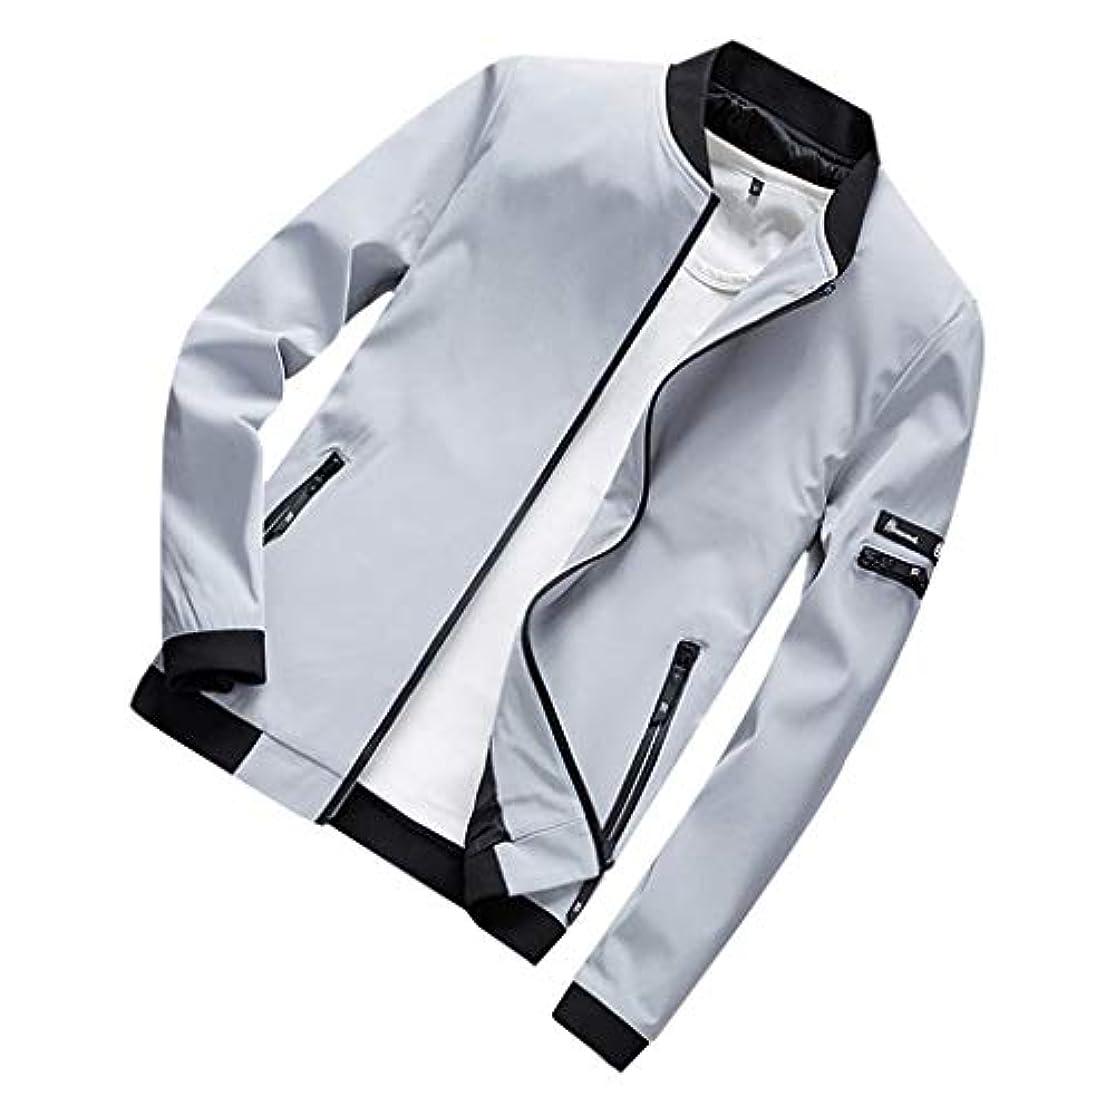 可聴ラオス人学習ジャケット メンズ コート ブルゾン 秋 冬 防水 無地 カジュアル 綿 大きいサイズ アウター 黒 ストレッチ ビジネスシャツ 細身 ジャケット